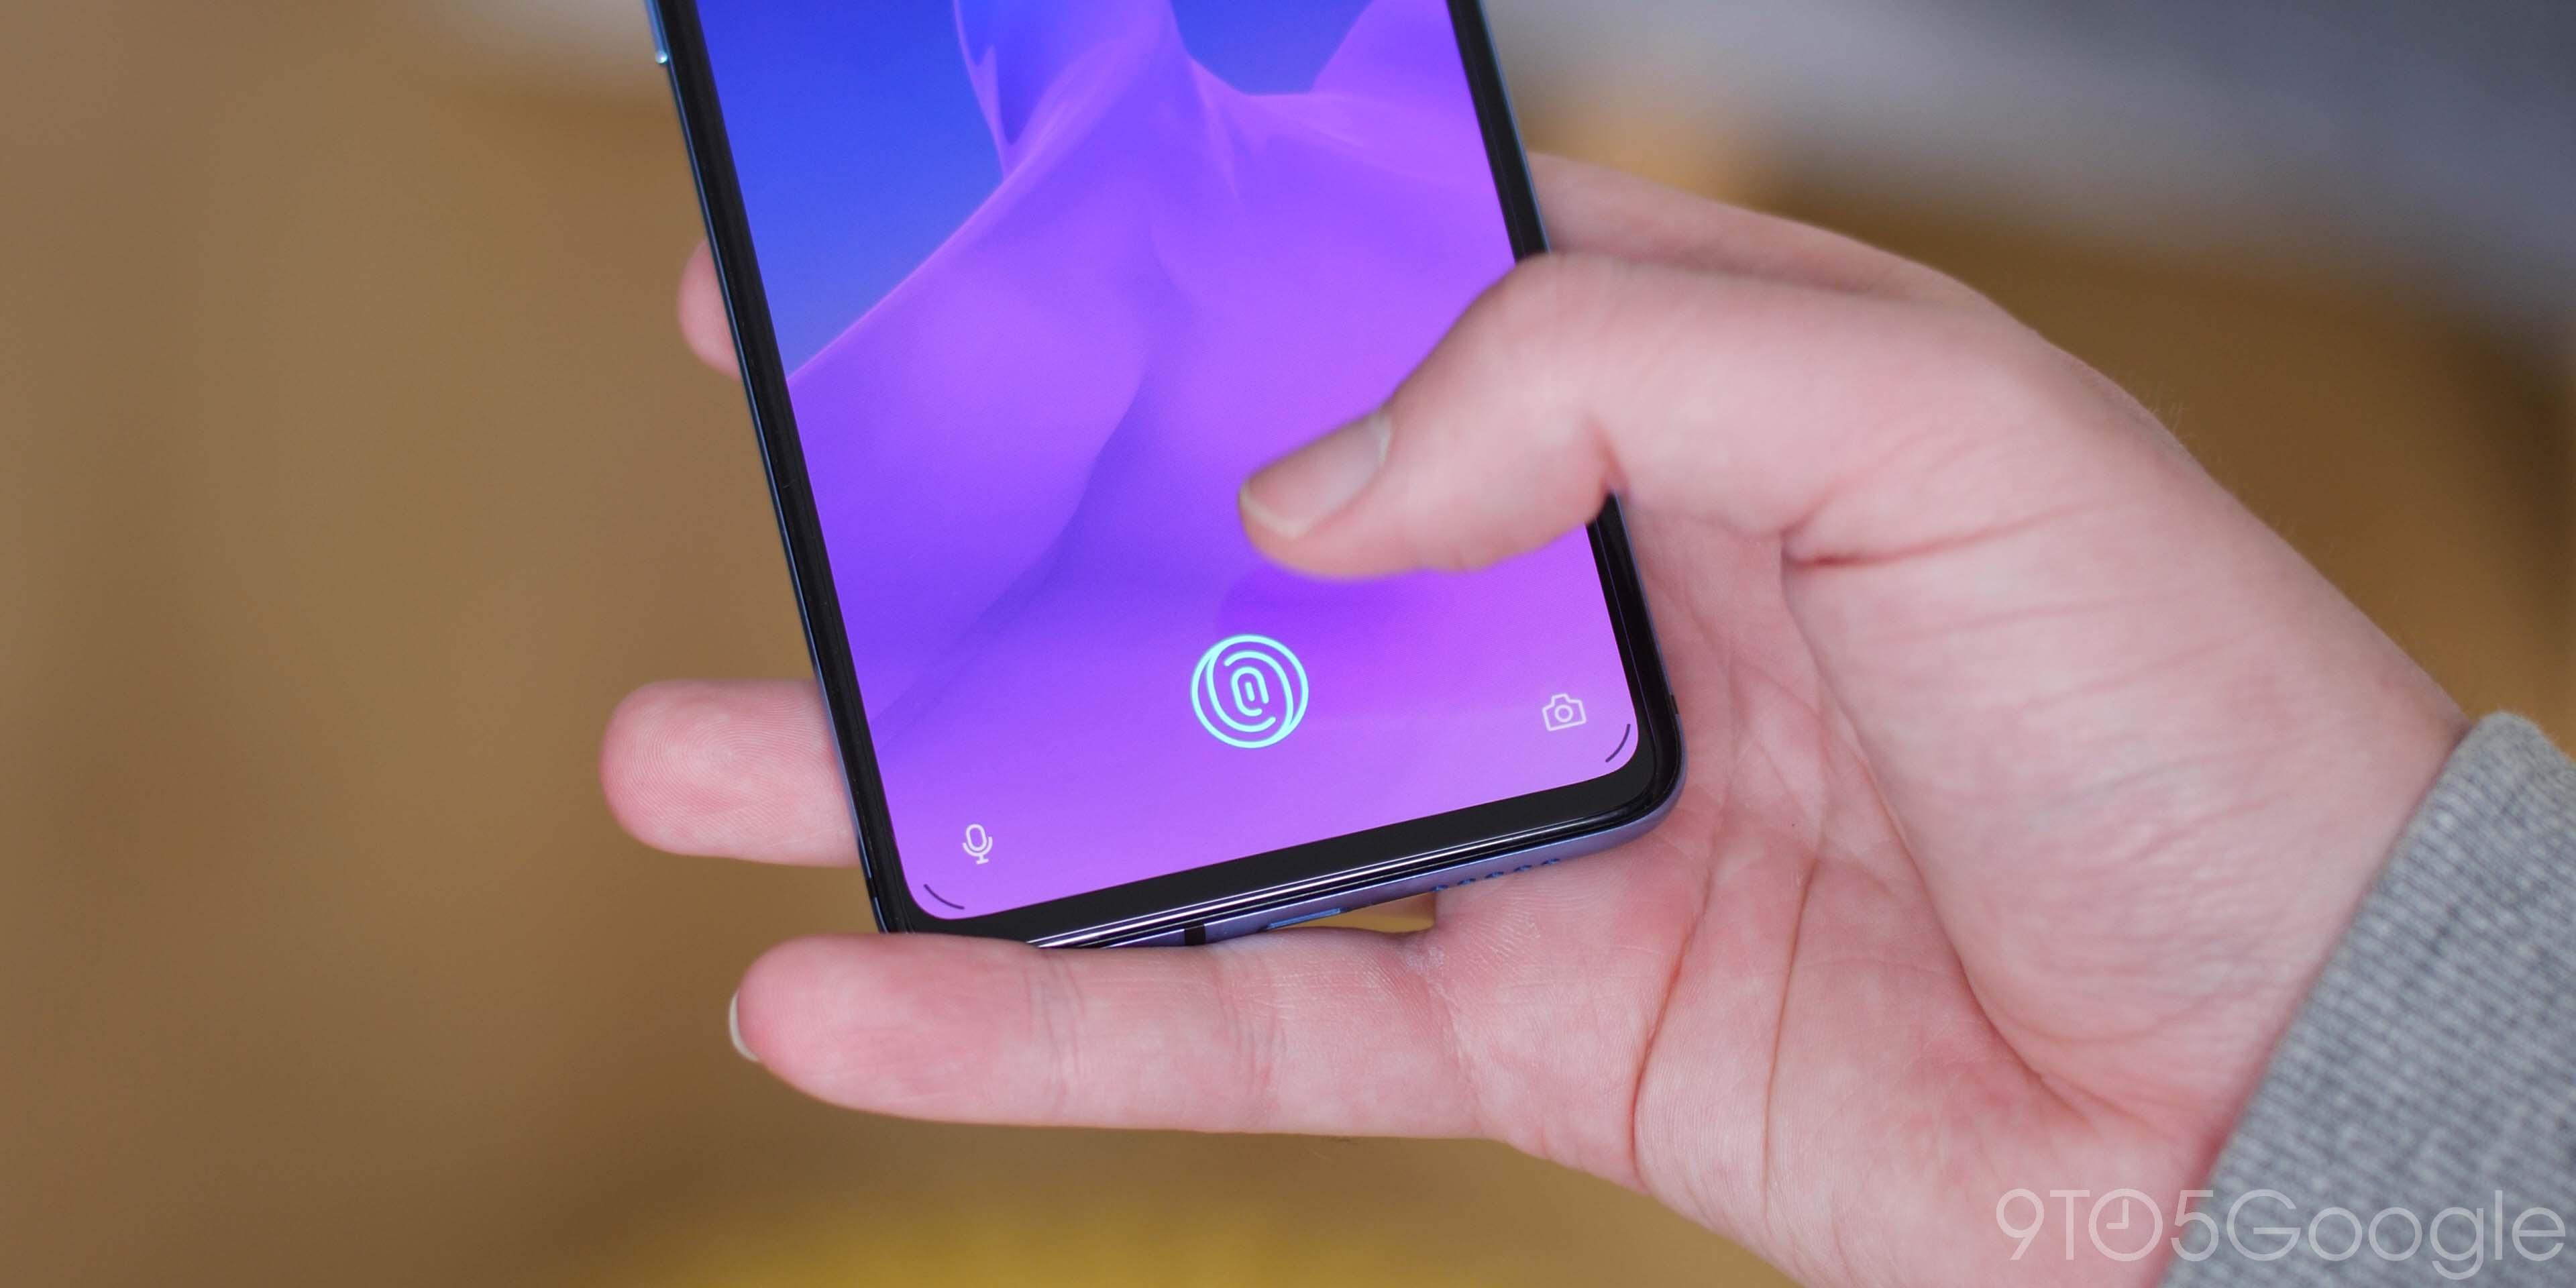 OnePlus 7T - haptics